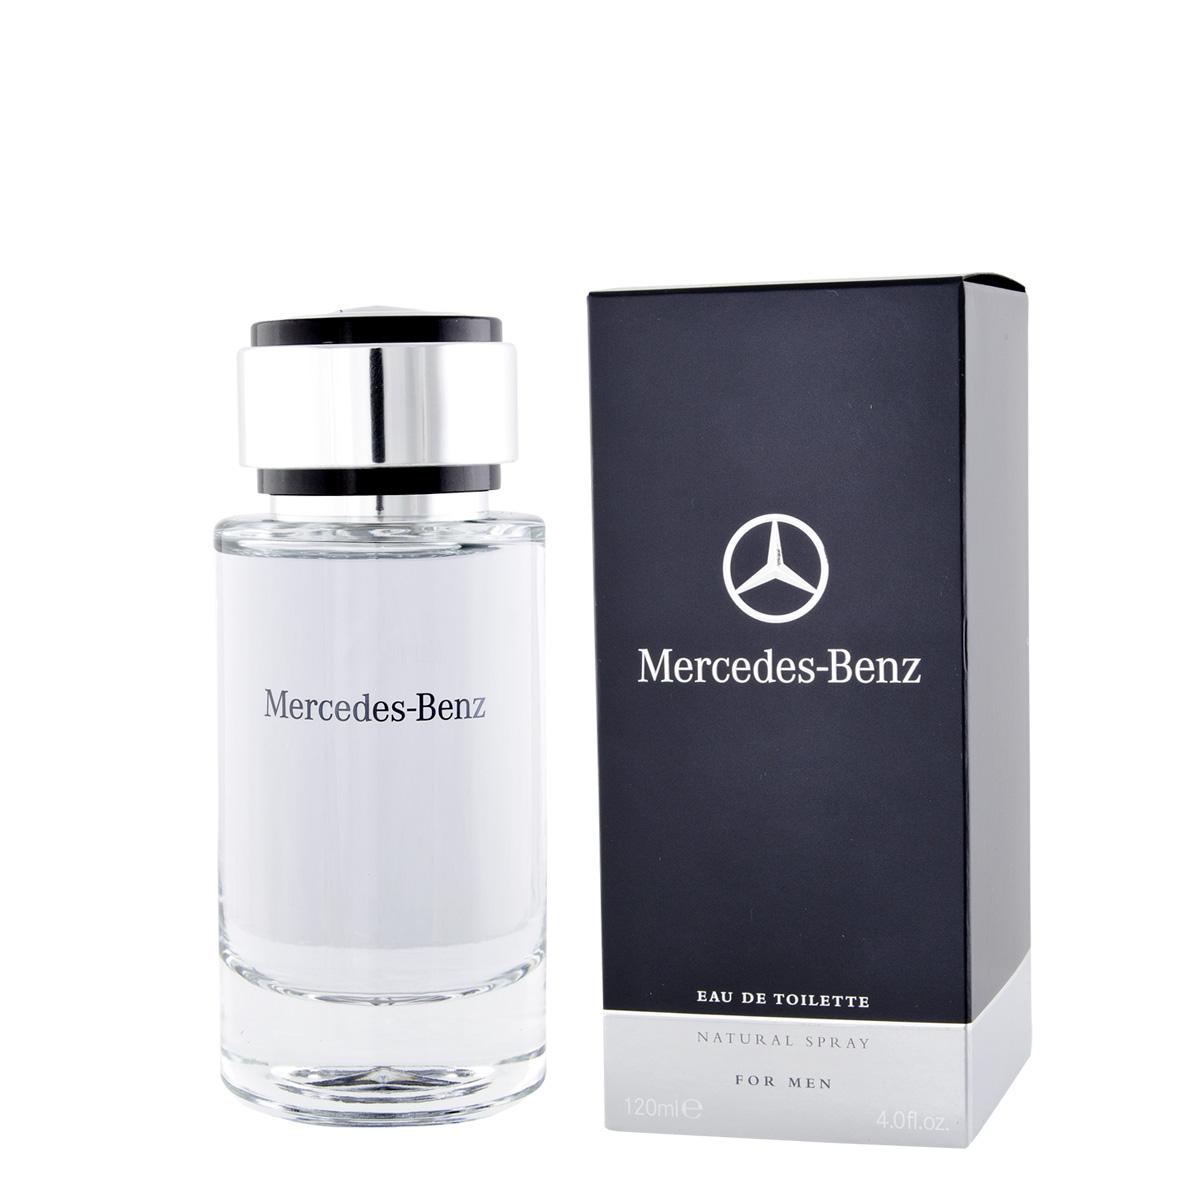 Mercedes-Benz Mercedes-Benz EDT 120 ml M